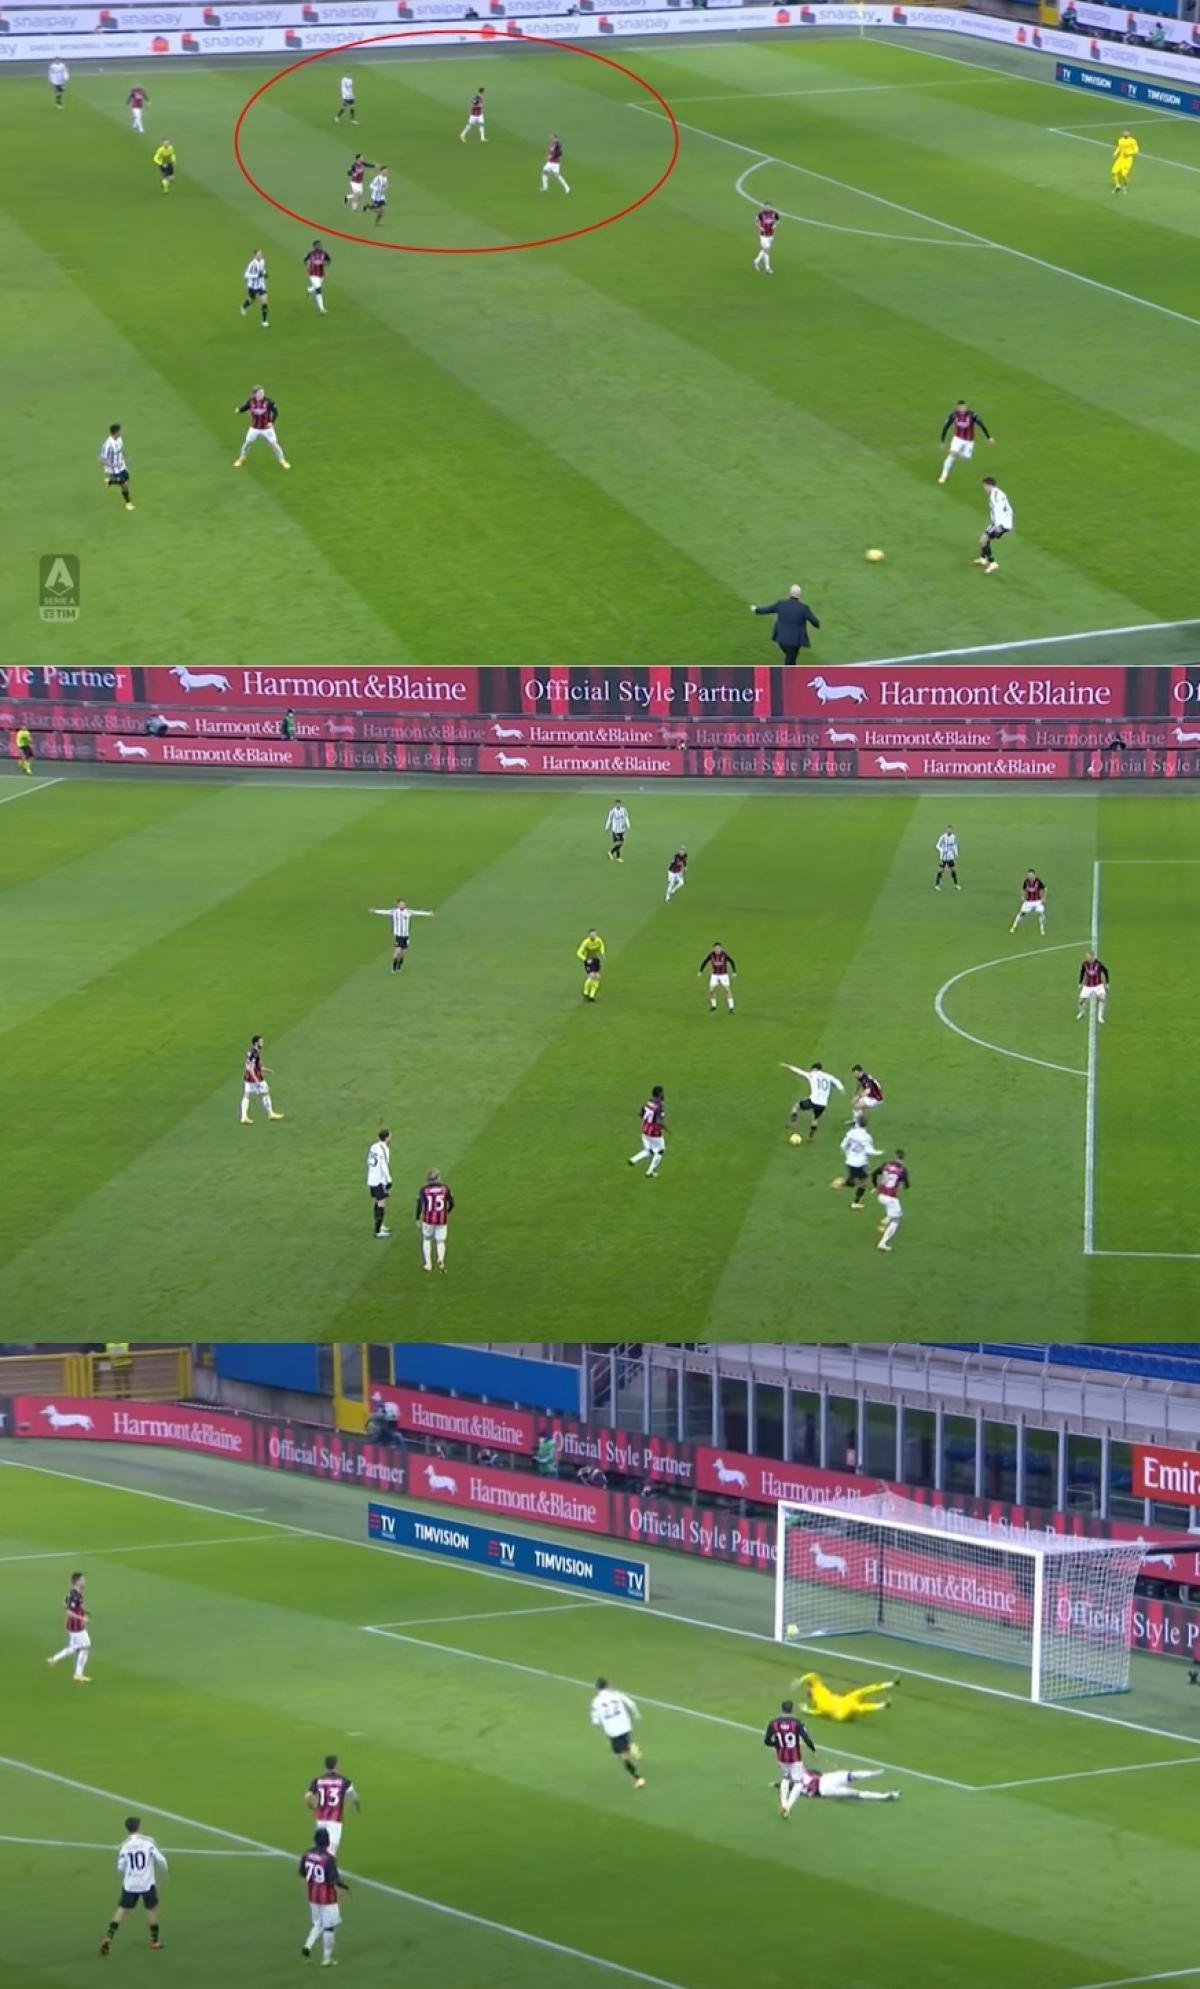 Thời điểm Chiesa nhận bóng và khởi tạo tình huống mở tỷ số của Juventus, hậu vệ phải Dalot và trung vệ Kjaer đều ngoái nhìn Ronaldo. Sự có mặt của siêu sao người Bồ Đào Nha bên cánh trái khiến hàng thủ AC Milan bị kéo dãn, tạo thời cơ để Dybala đánh gót cho Chiesa thoát xuống ghi bàn ở phút 18.